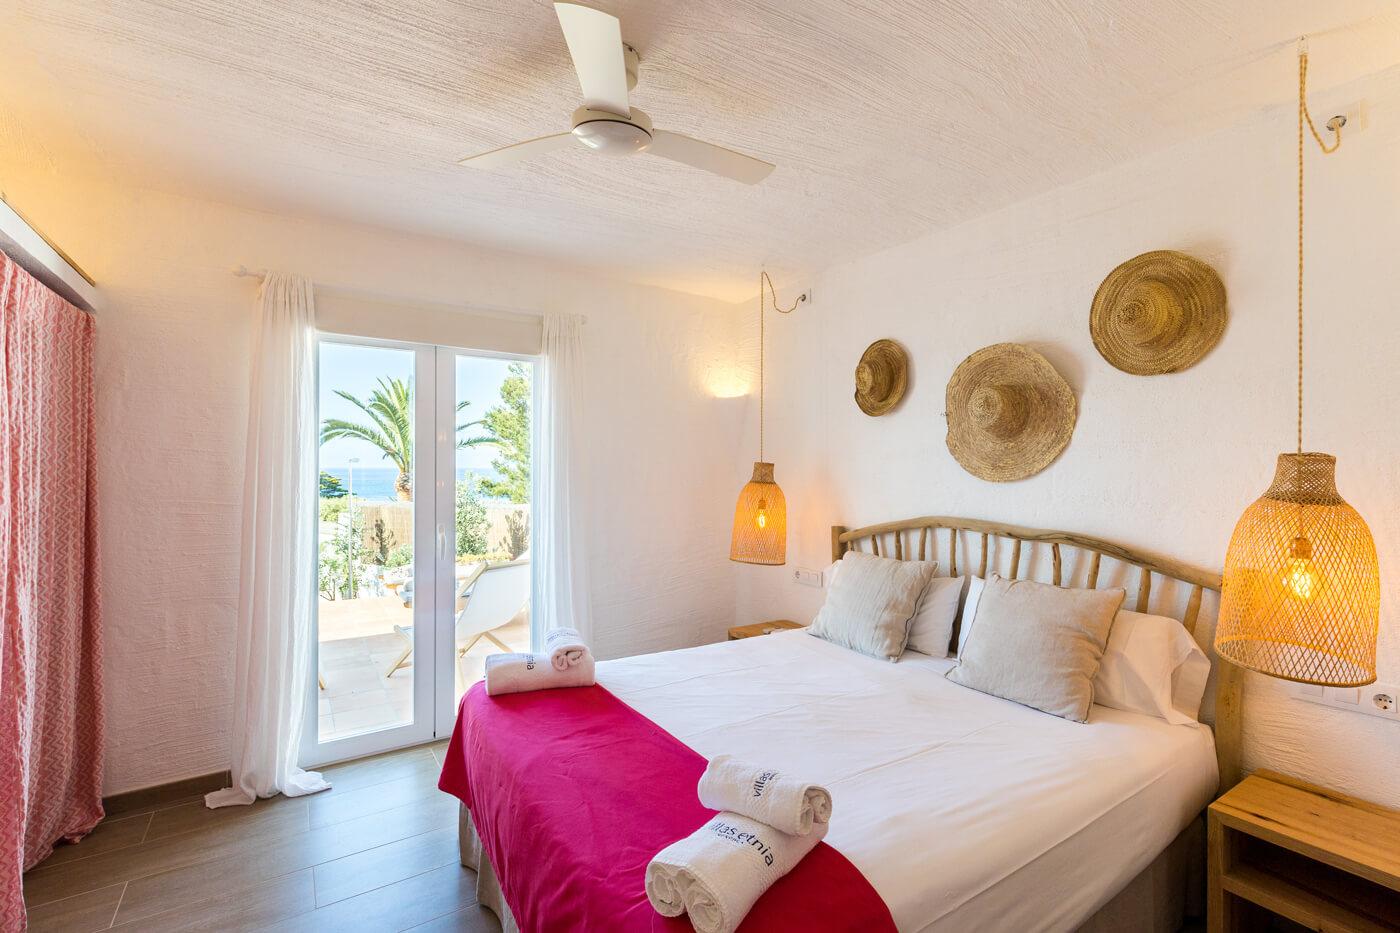 Villas Etnia Menorca - suite